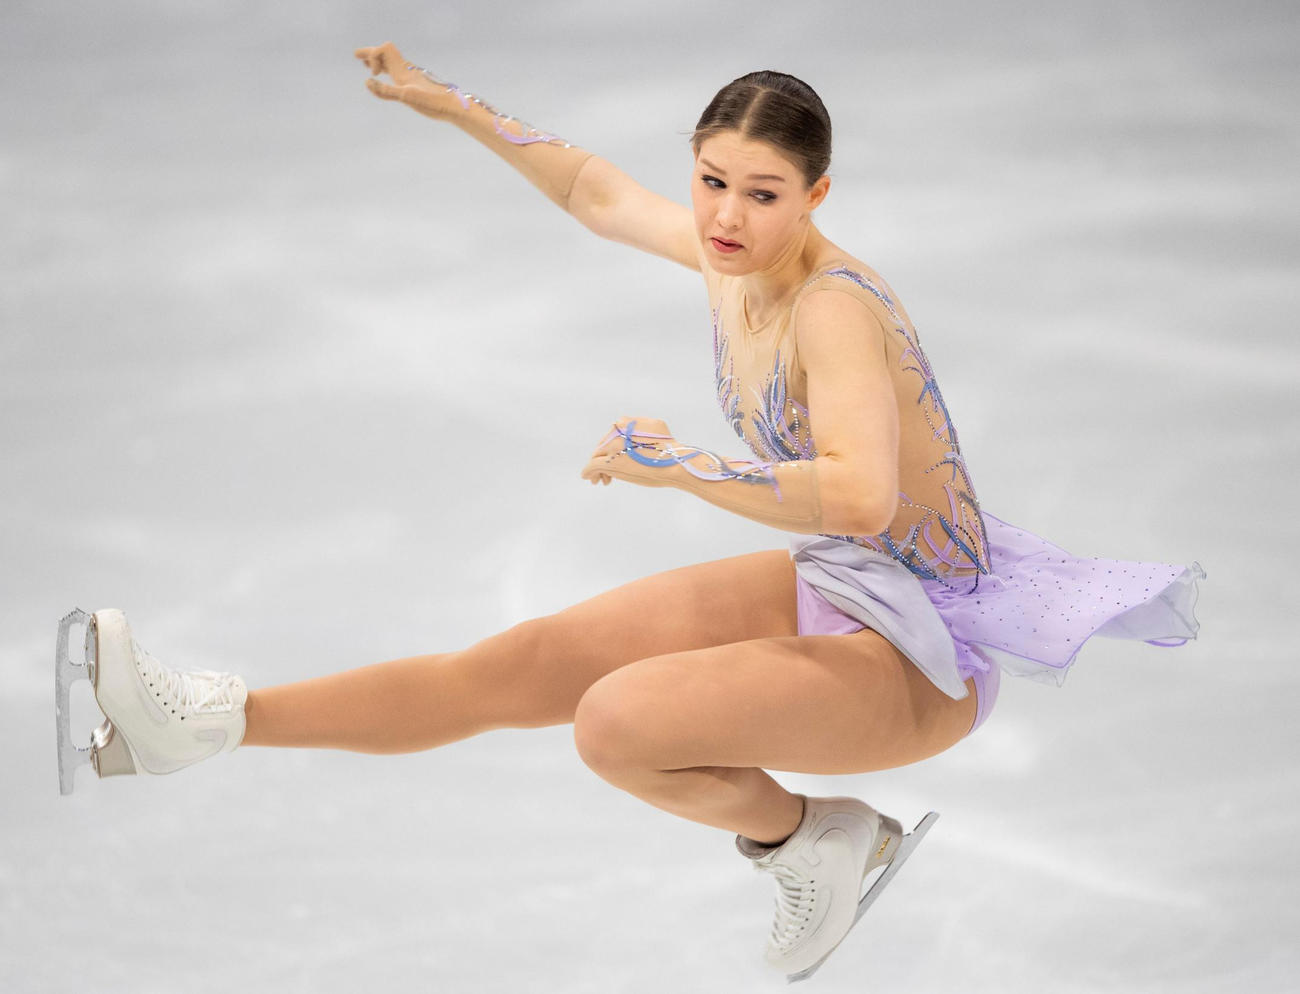 世界選手権女子SPに出場したイエニー・サーリネン(ロイター)